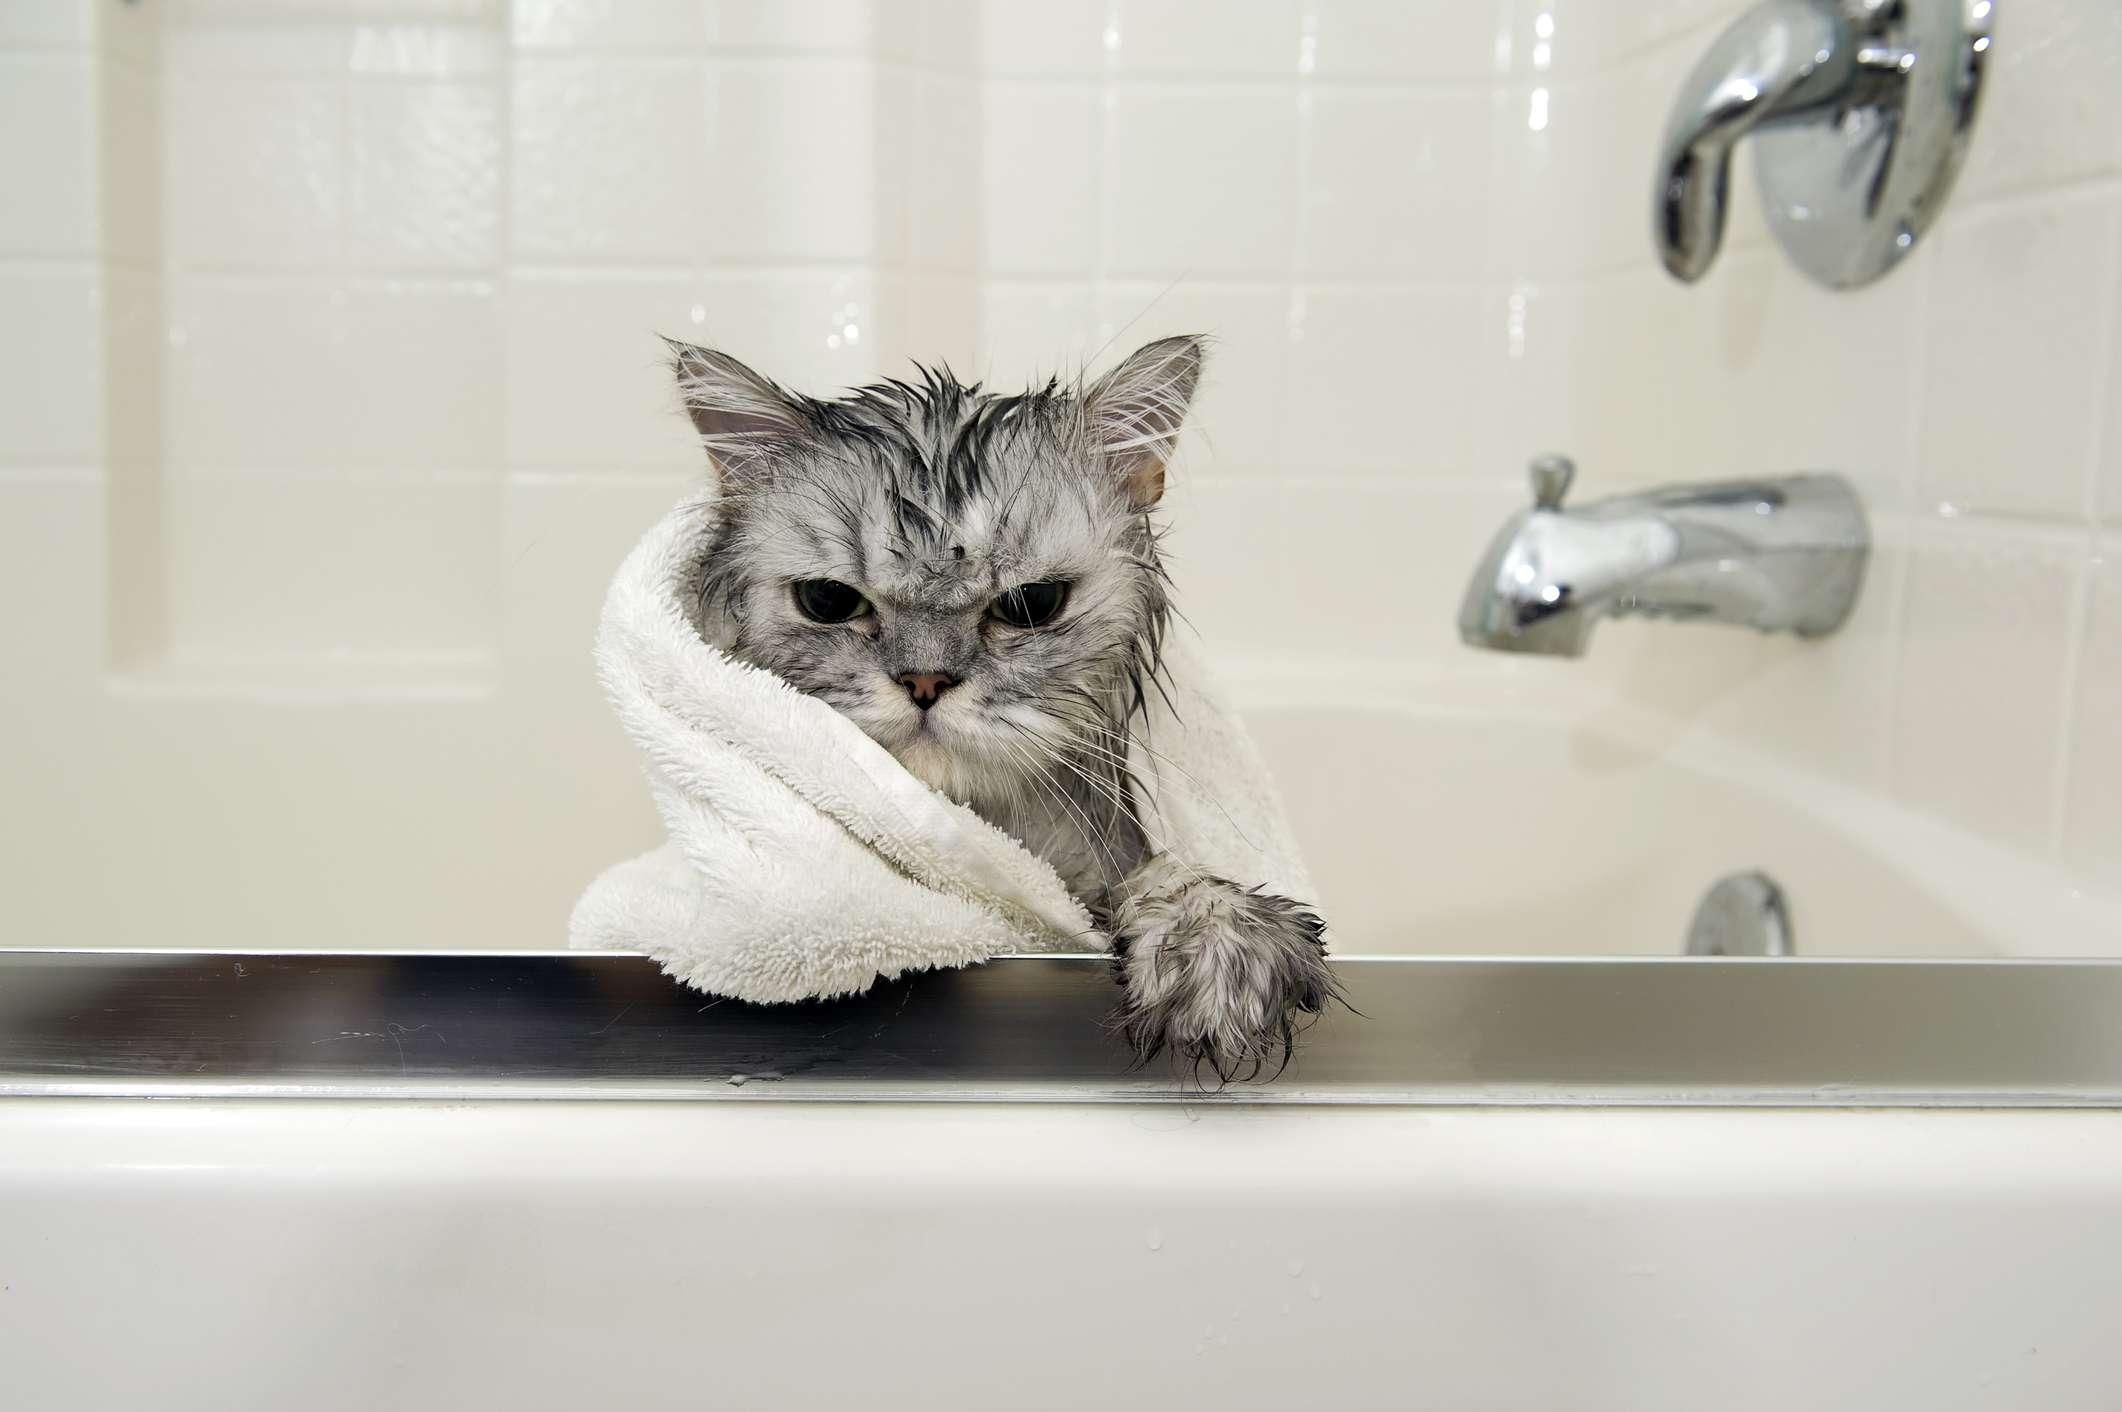 Gato en una toalla en el baño